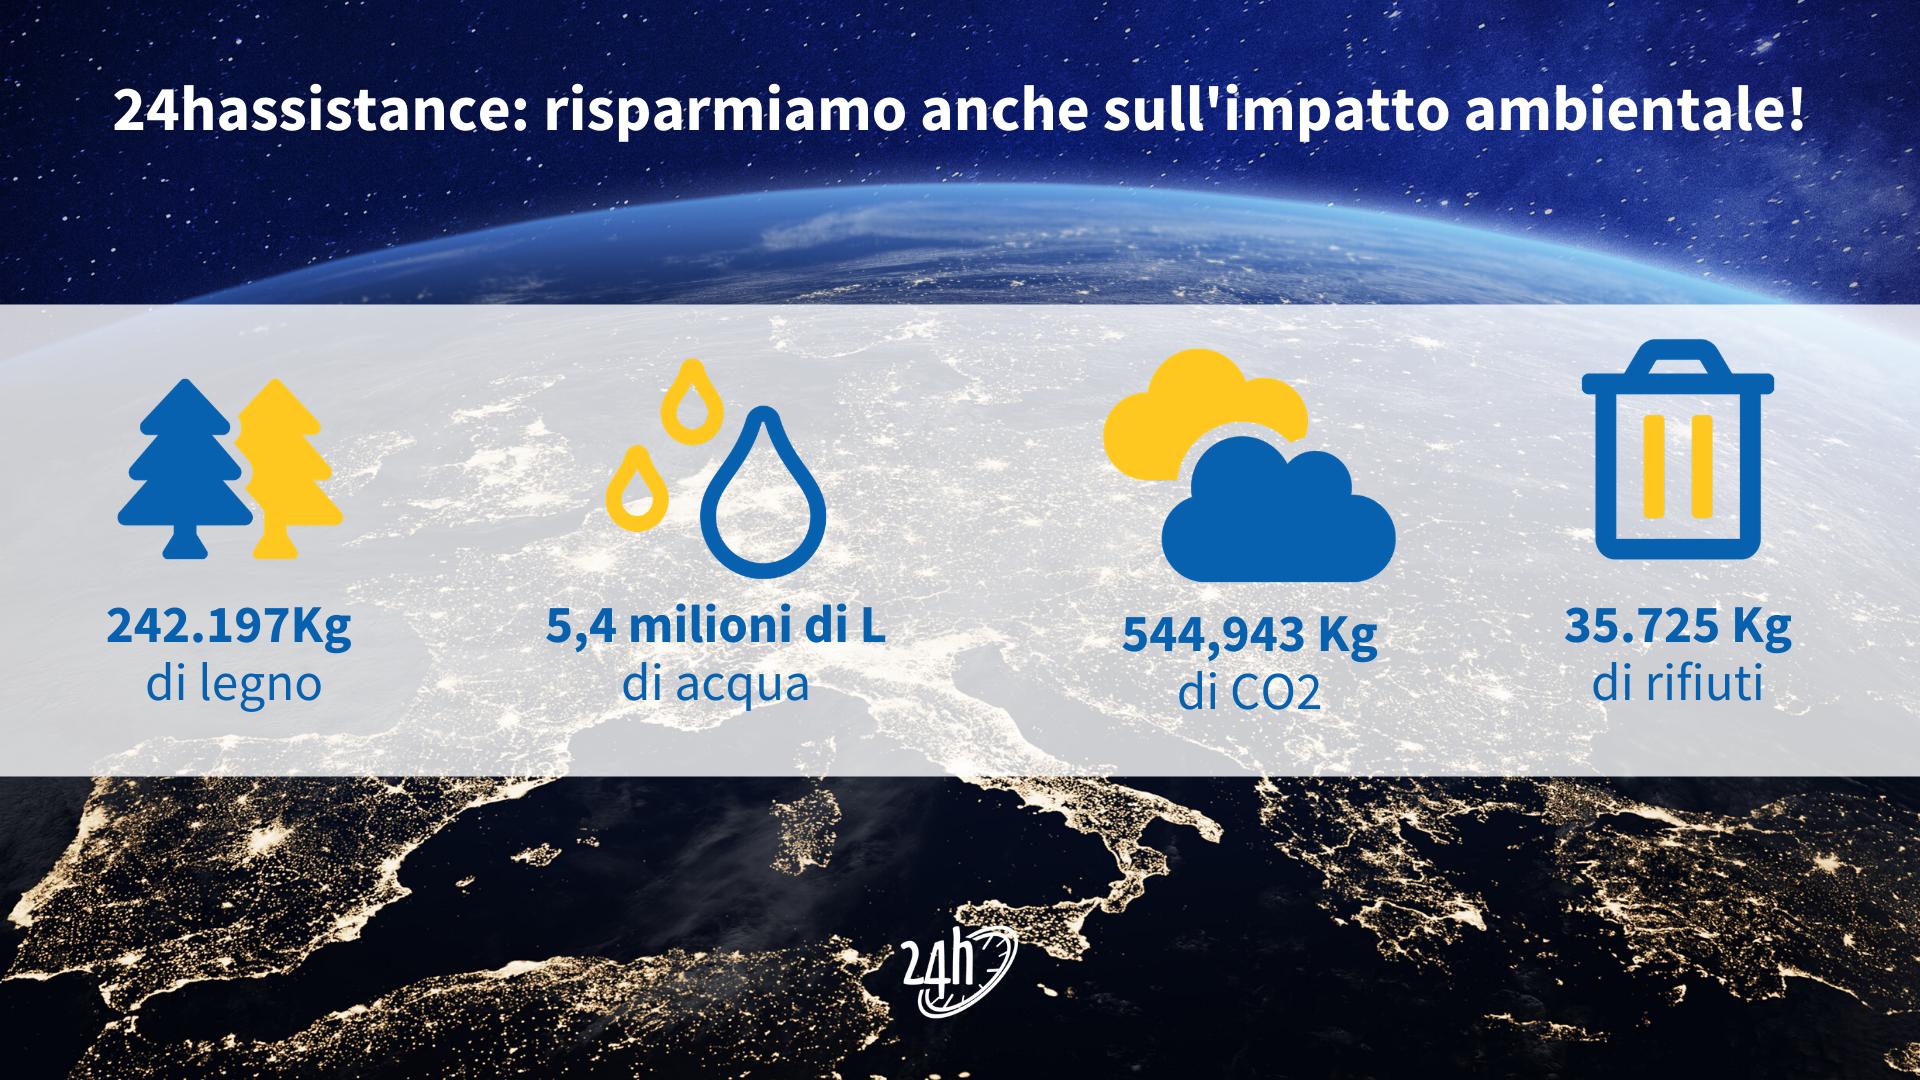 Giornata della Terra: cosa possiamo fare per salvare il nostro pianeta